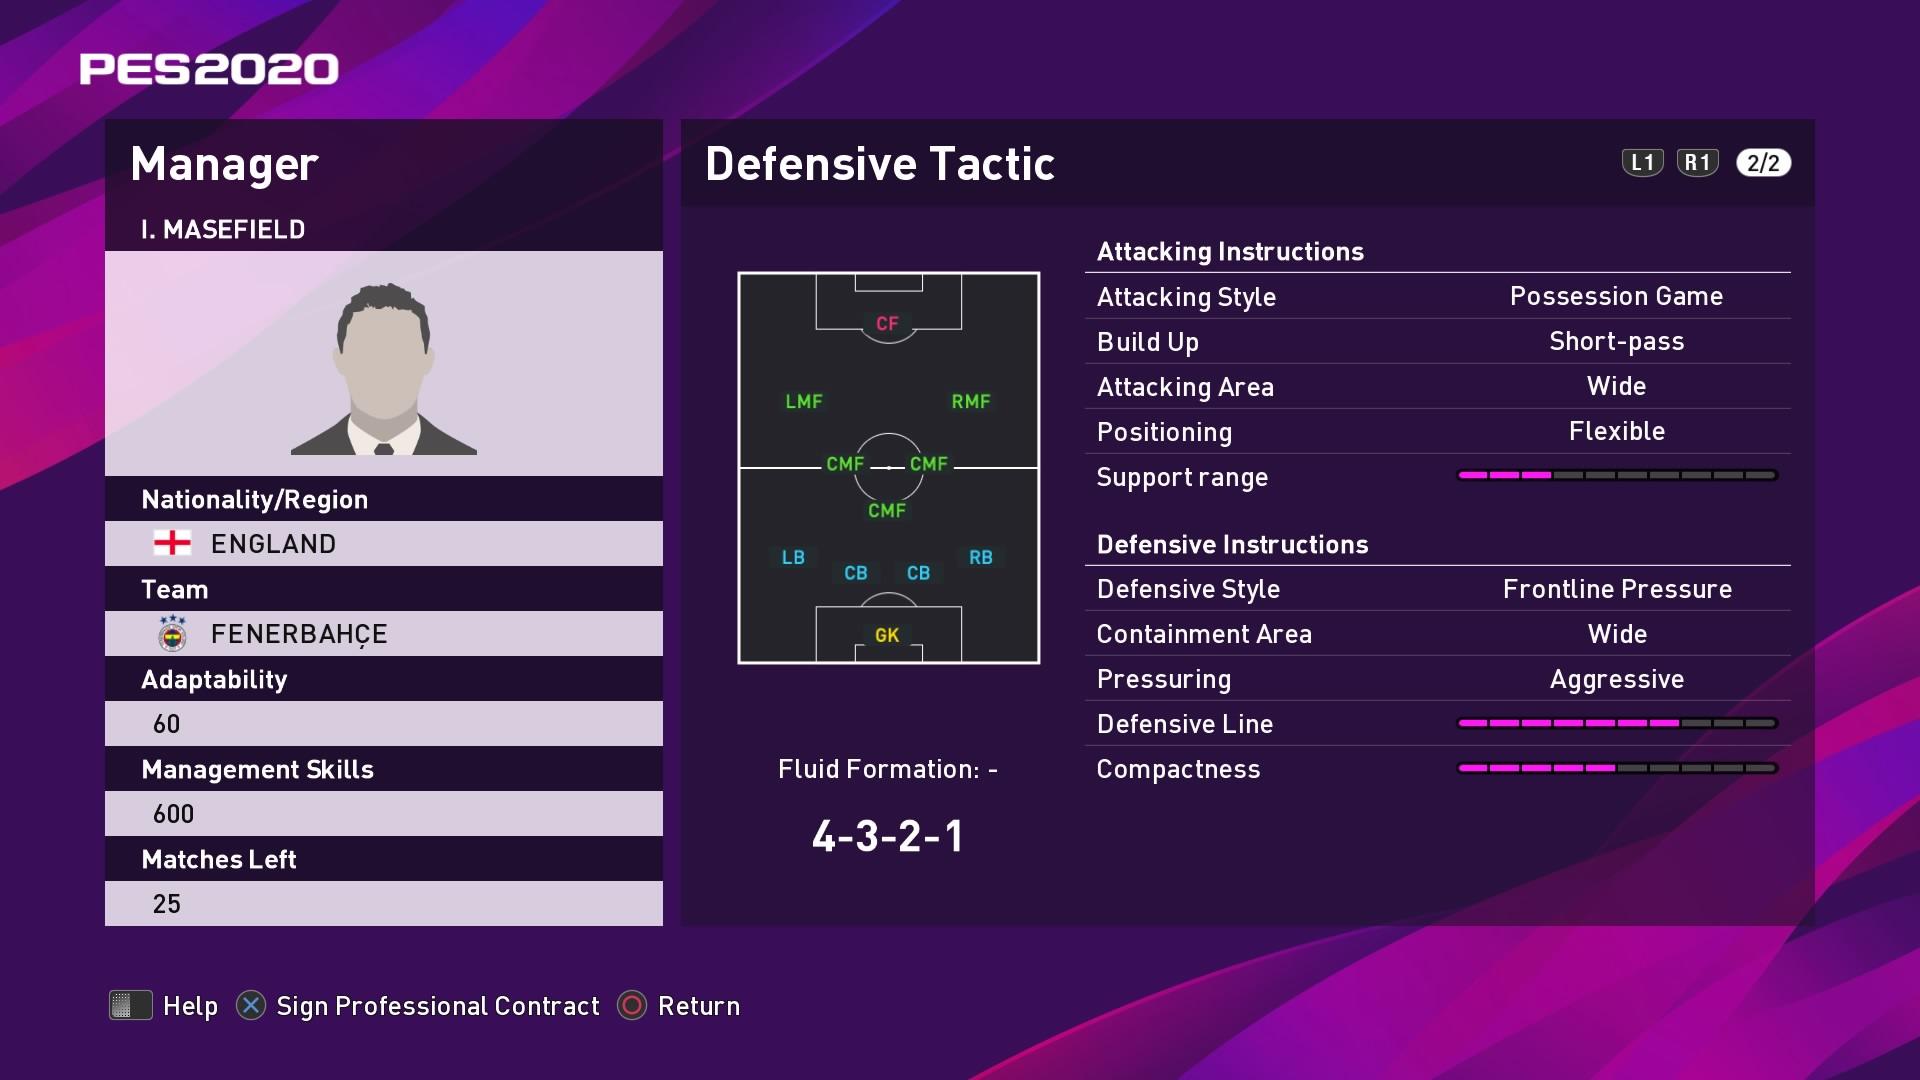 I. Masefield Defensive Tactic in PES 2020 myClub